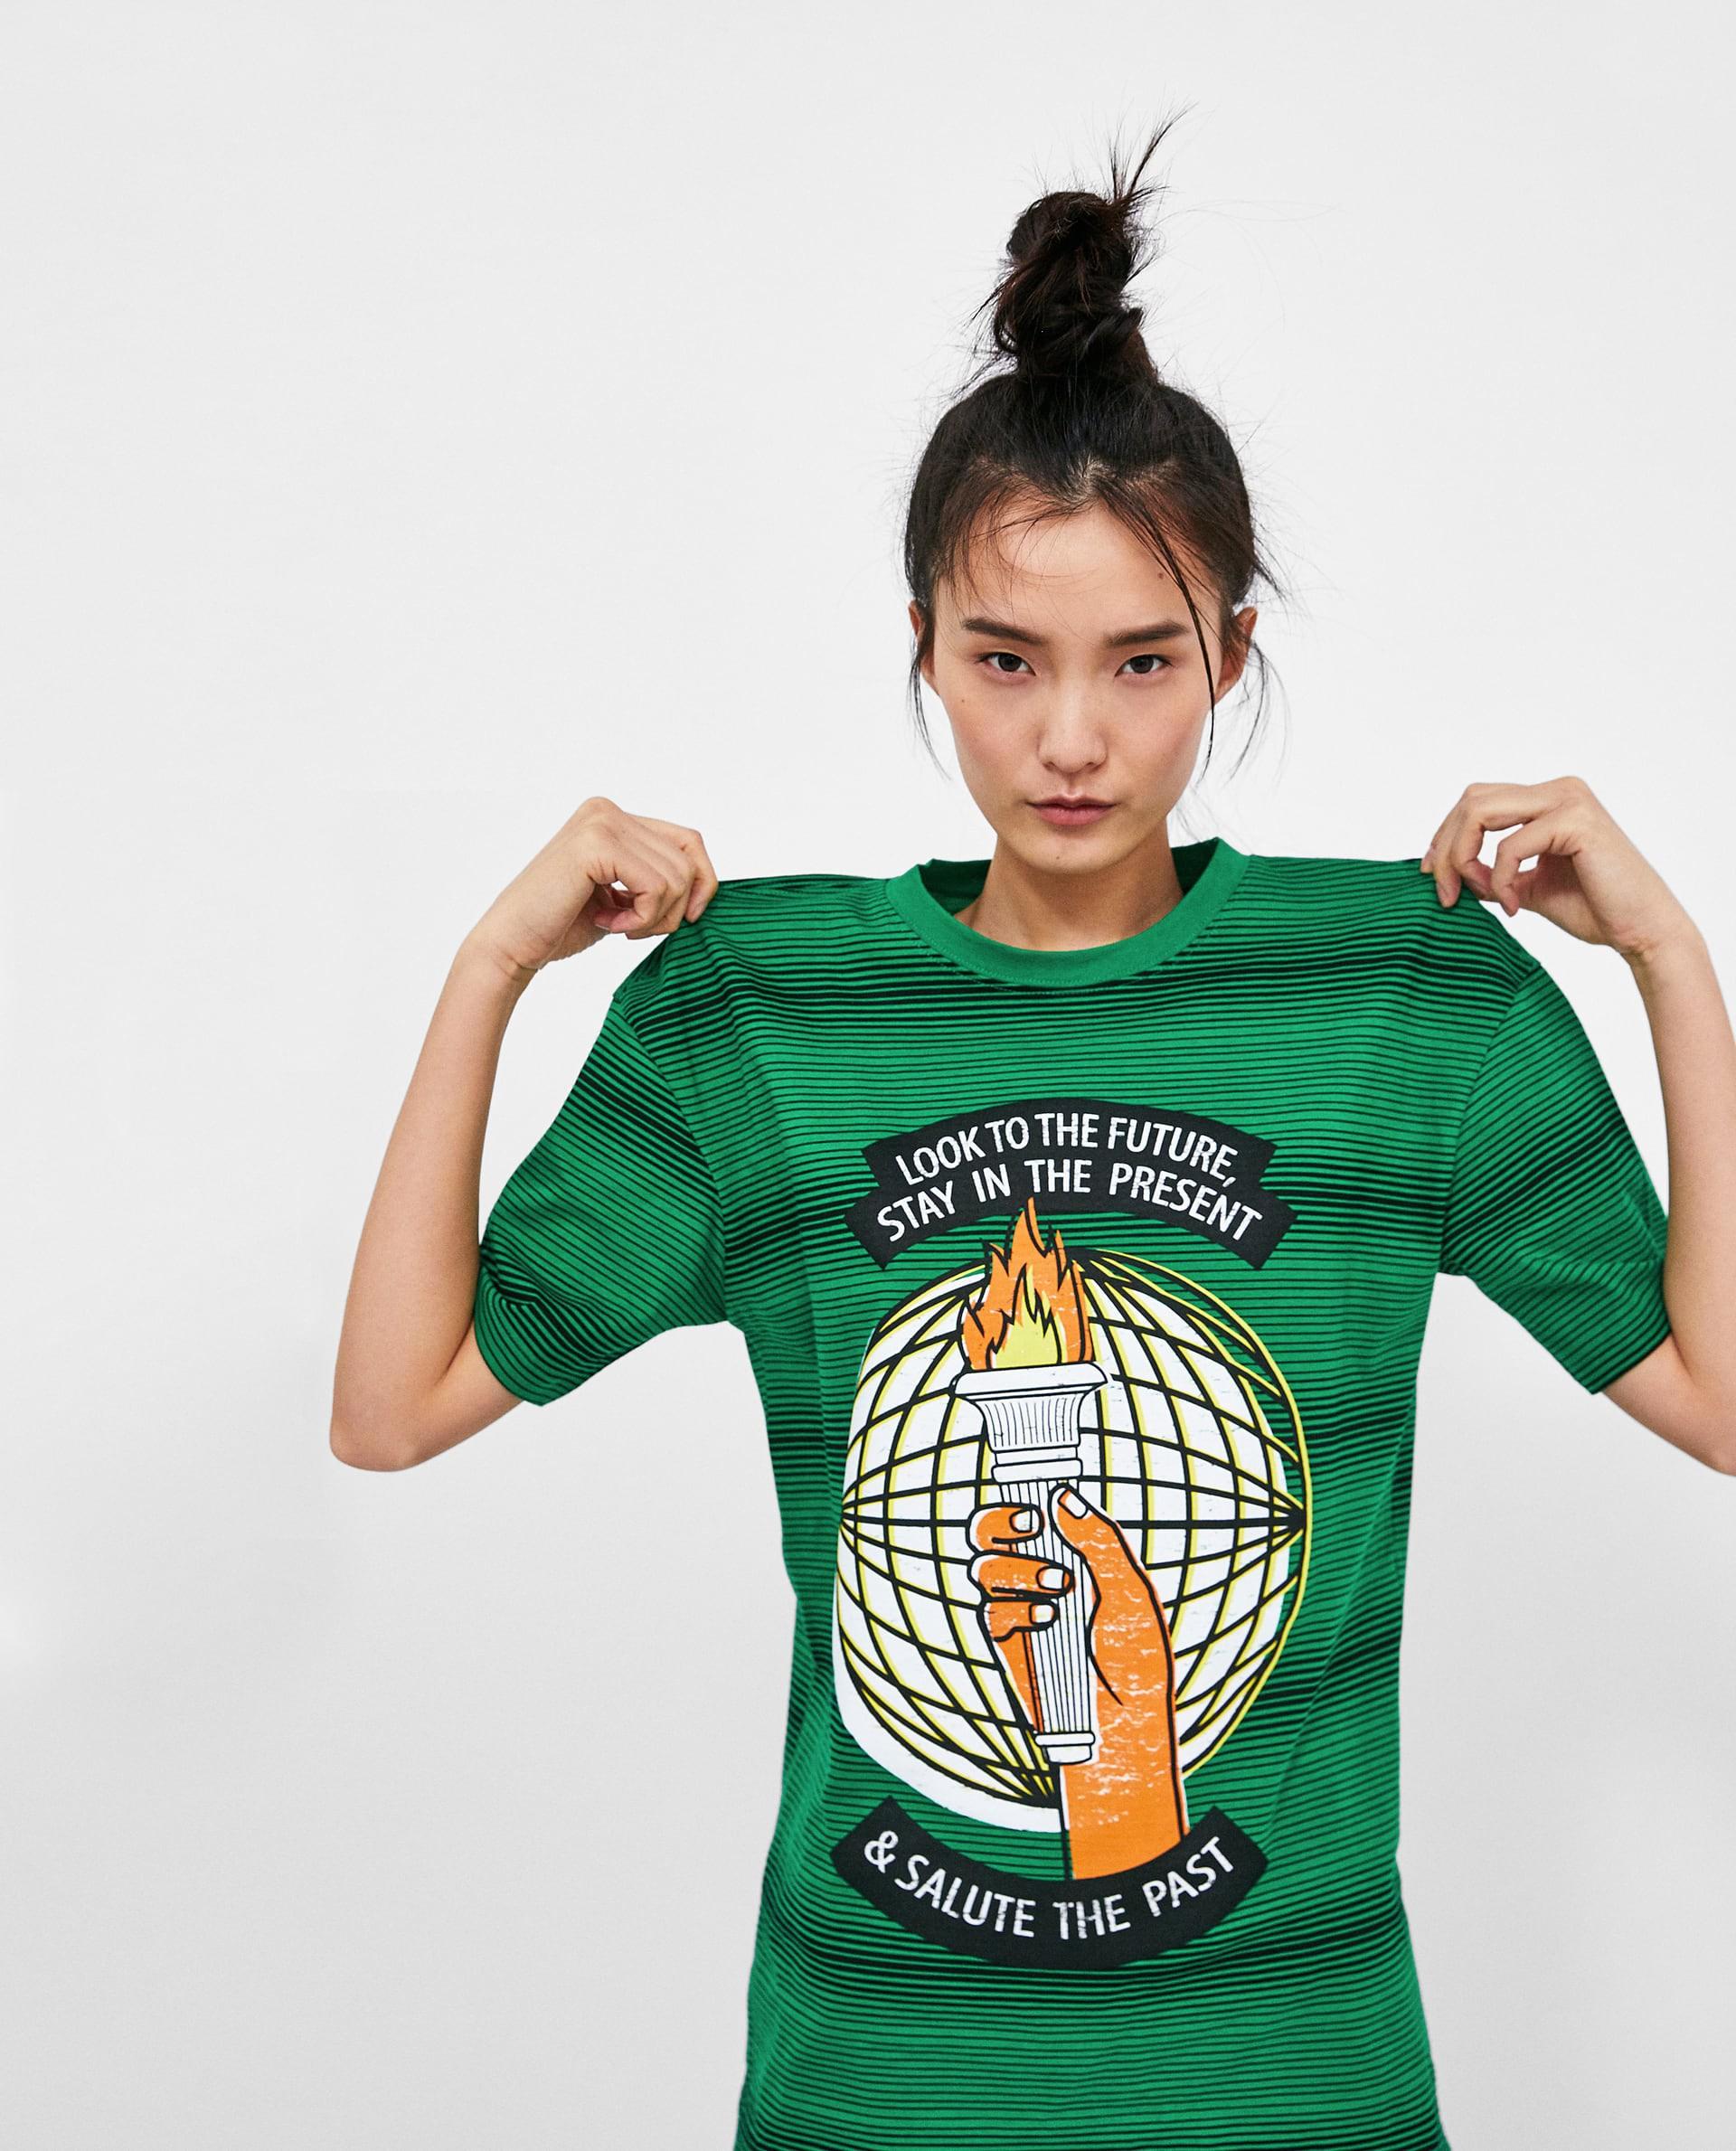 Thích áo phông, mặc nhiều là thế nhưng bạn có biết cách giữ cho chiếc áo của mình bền đẹp như mới - Ảnh 8.